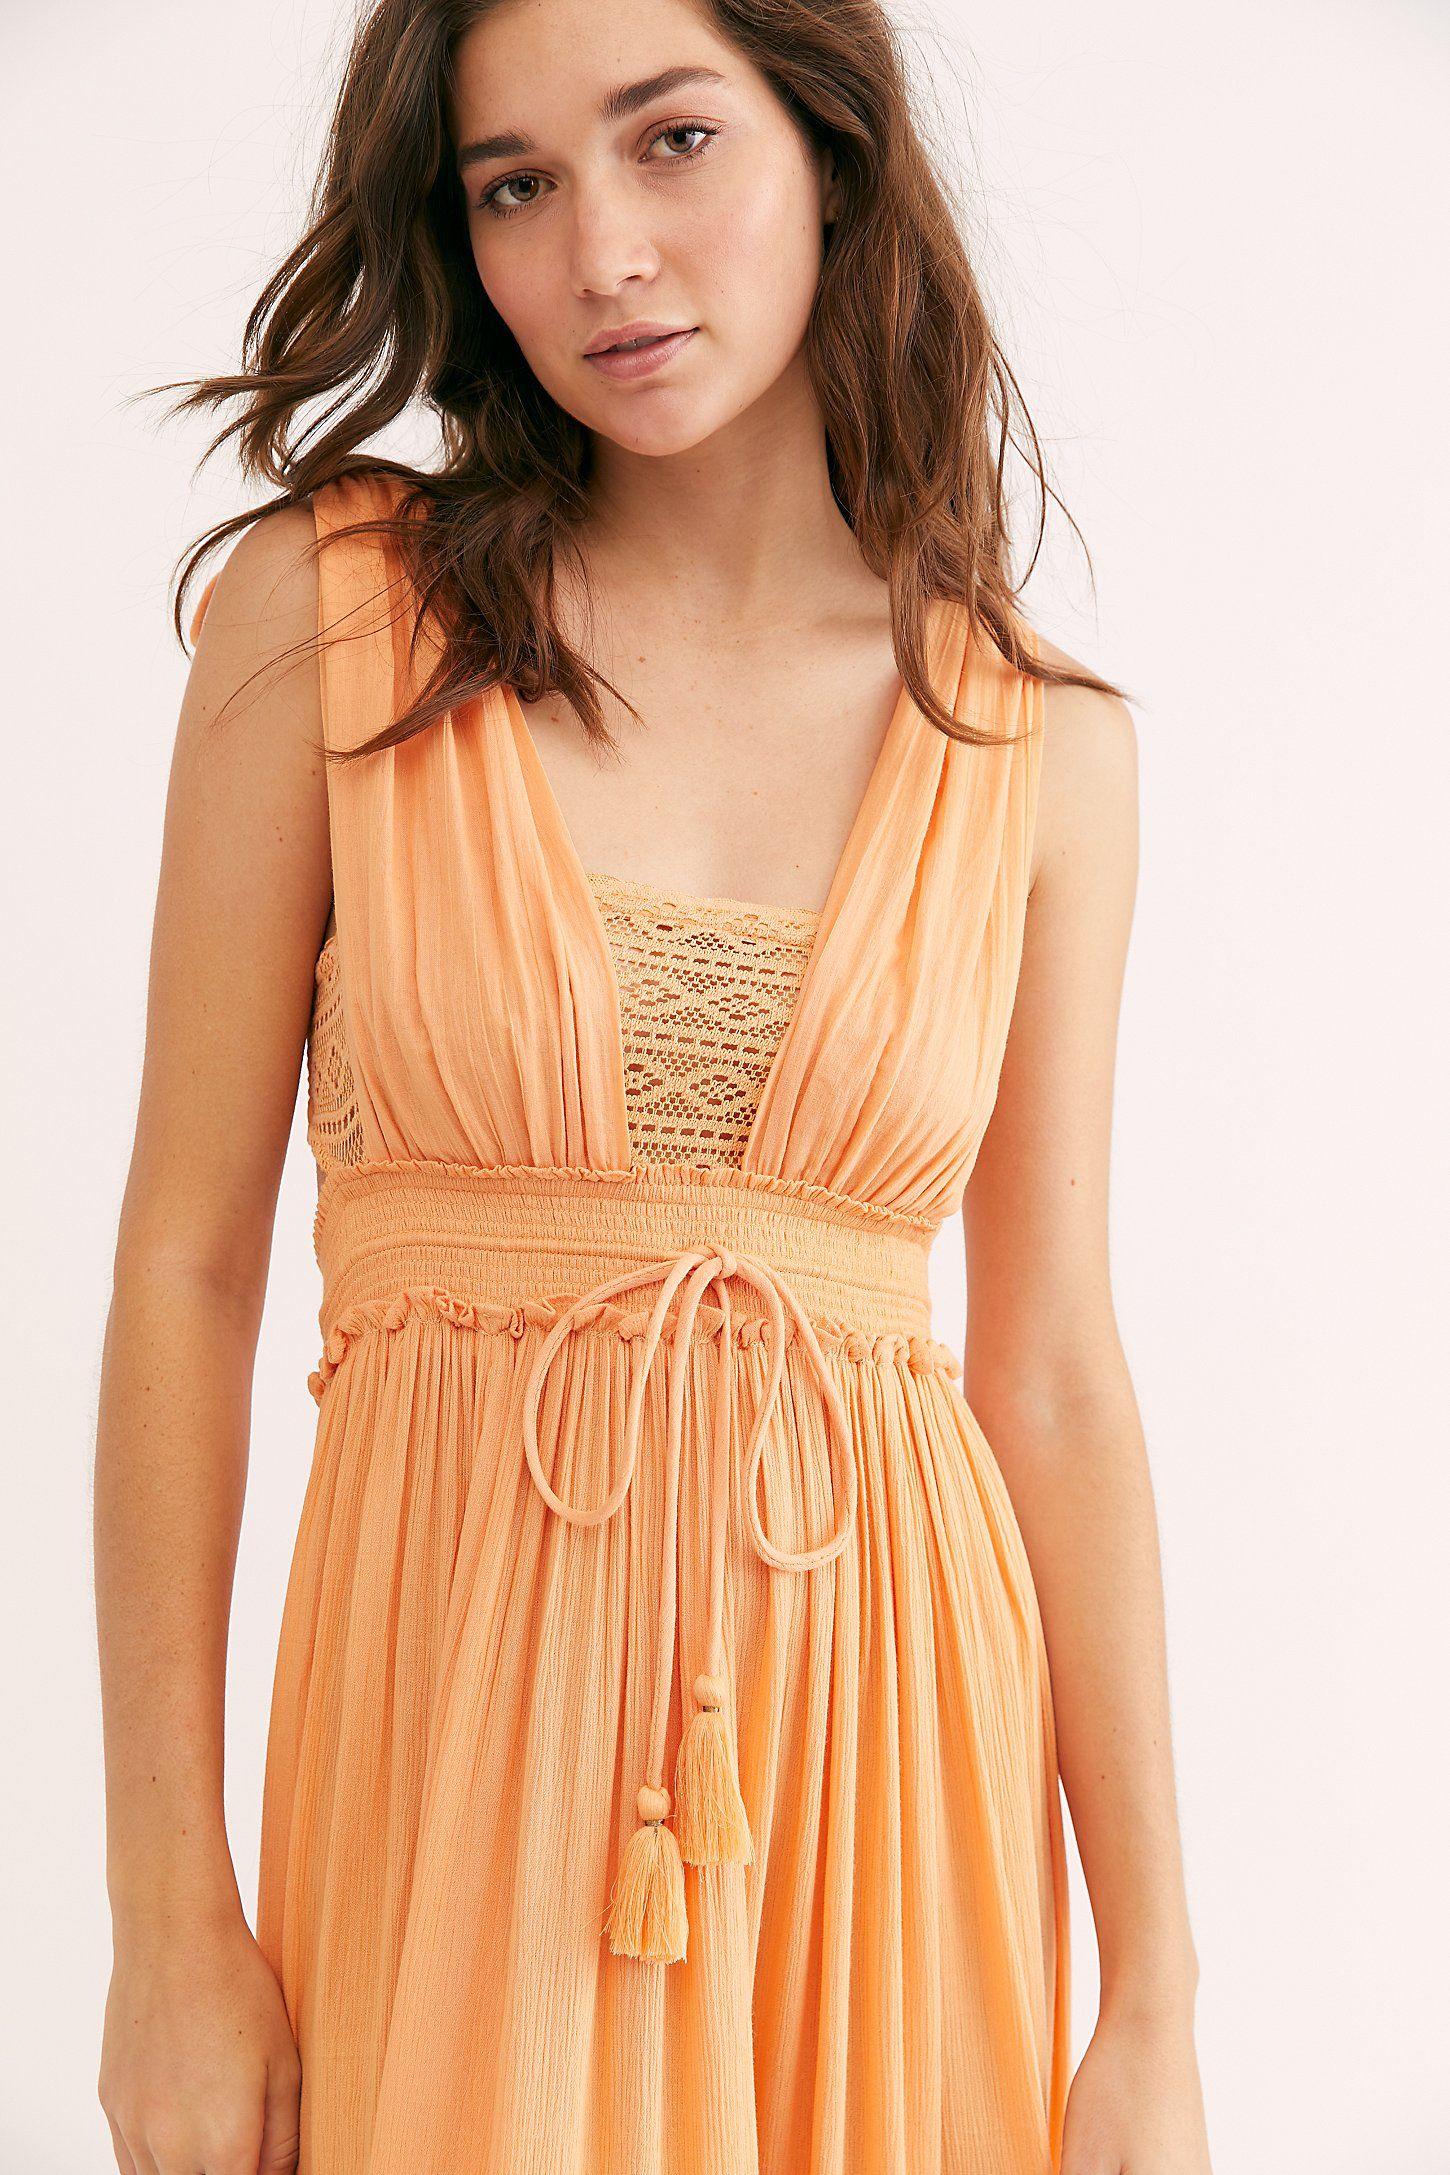 Santa Maria Maxi Dress Free People Maxi Dress Dresses Textured Fabric Dress [ 2175 x 1450 Pixel ]